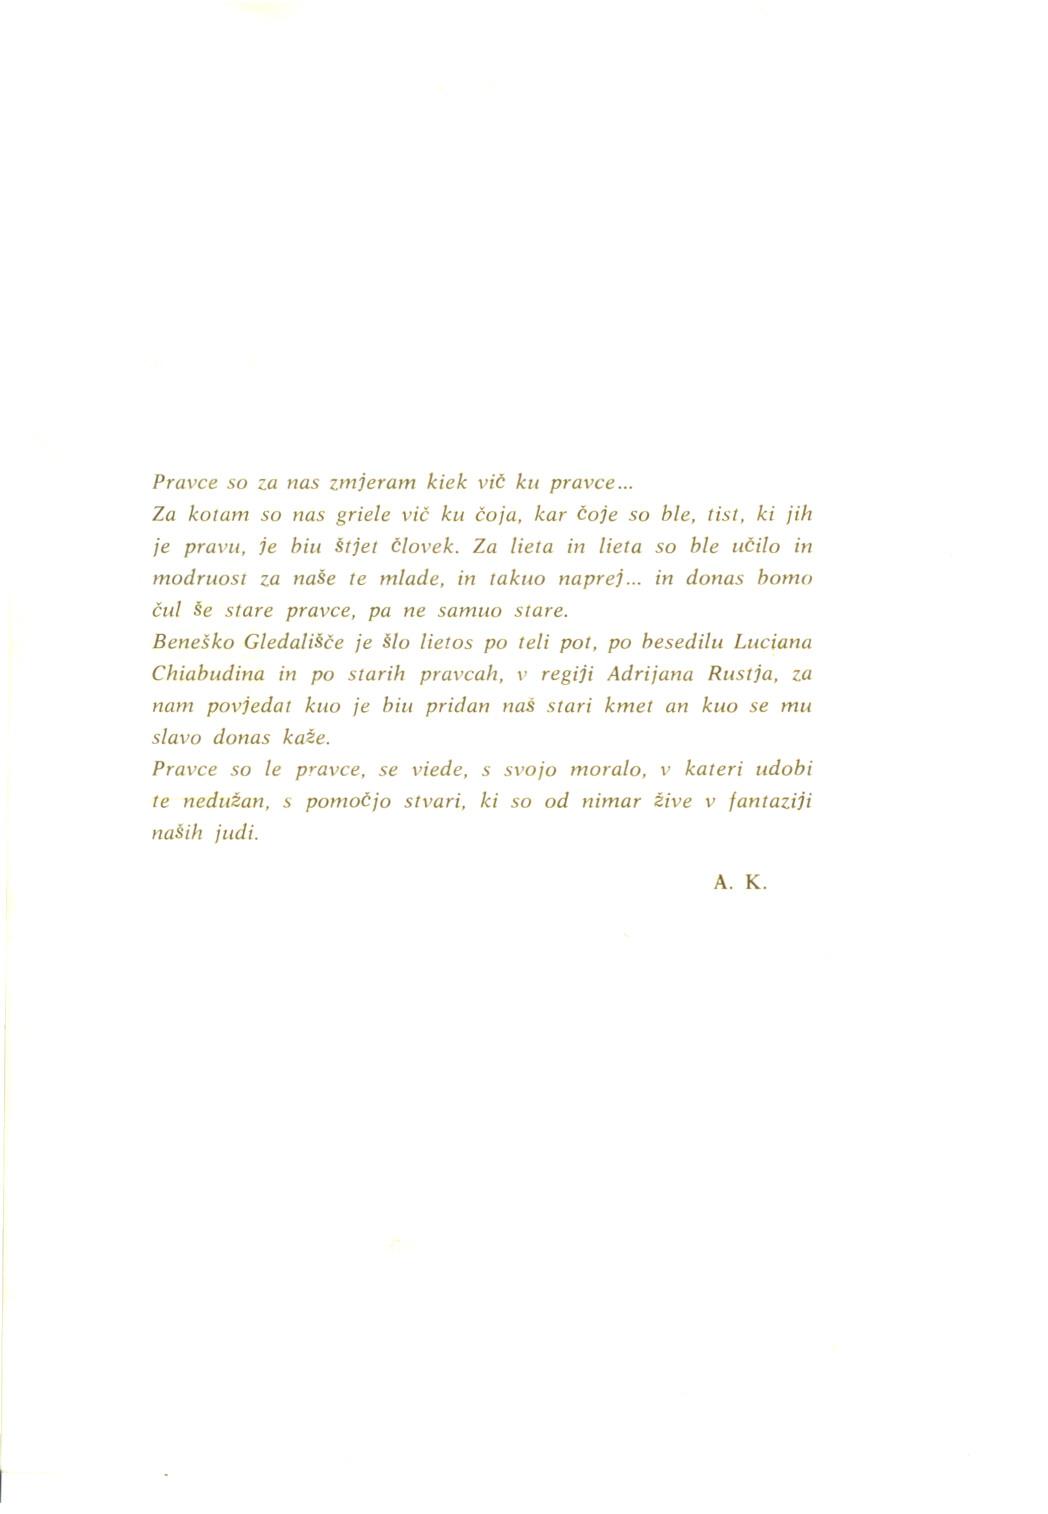 1982 - Same Pravce - Foglio di sala 2